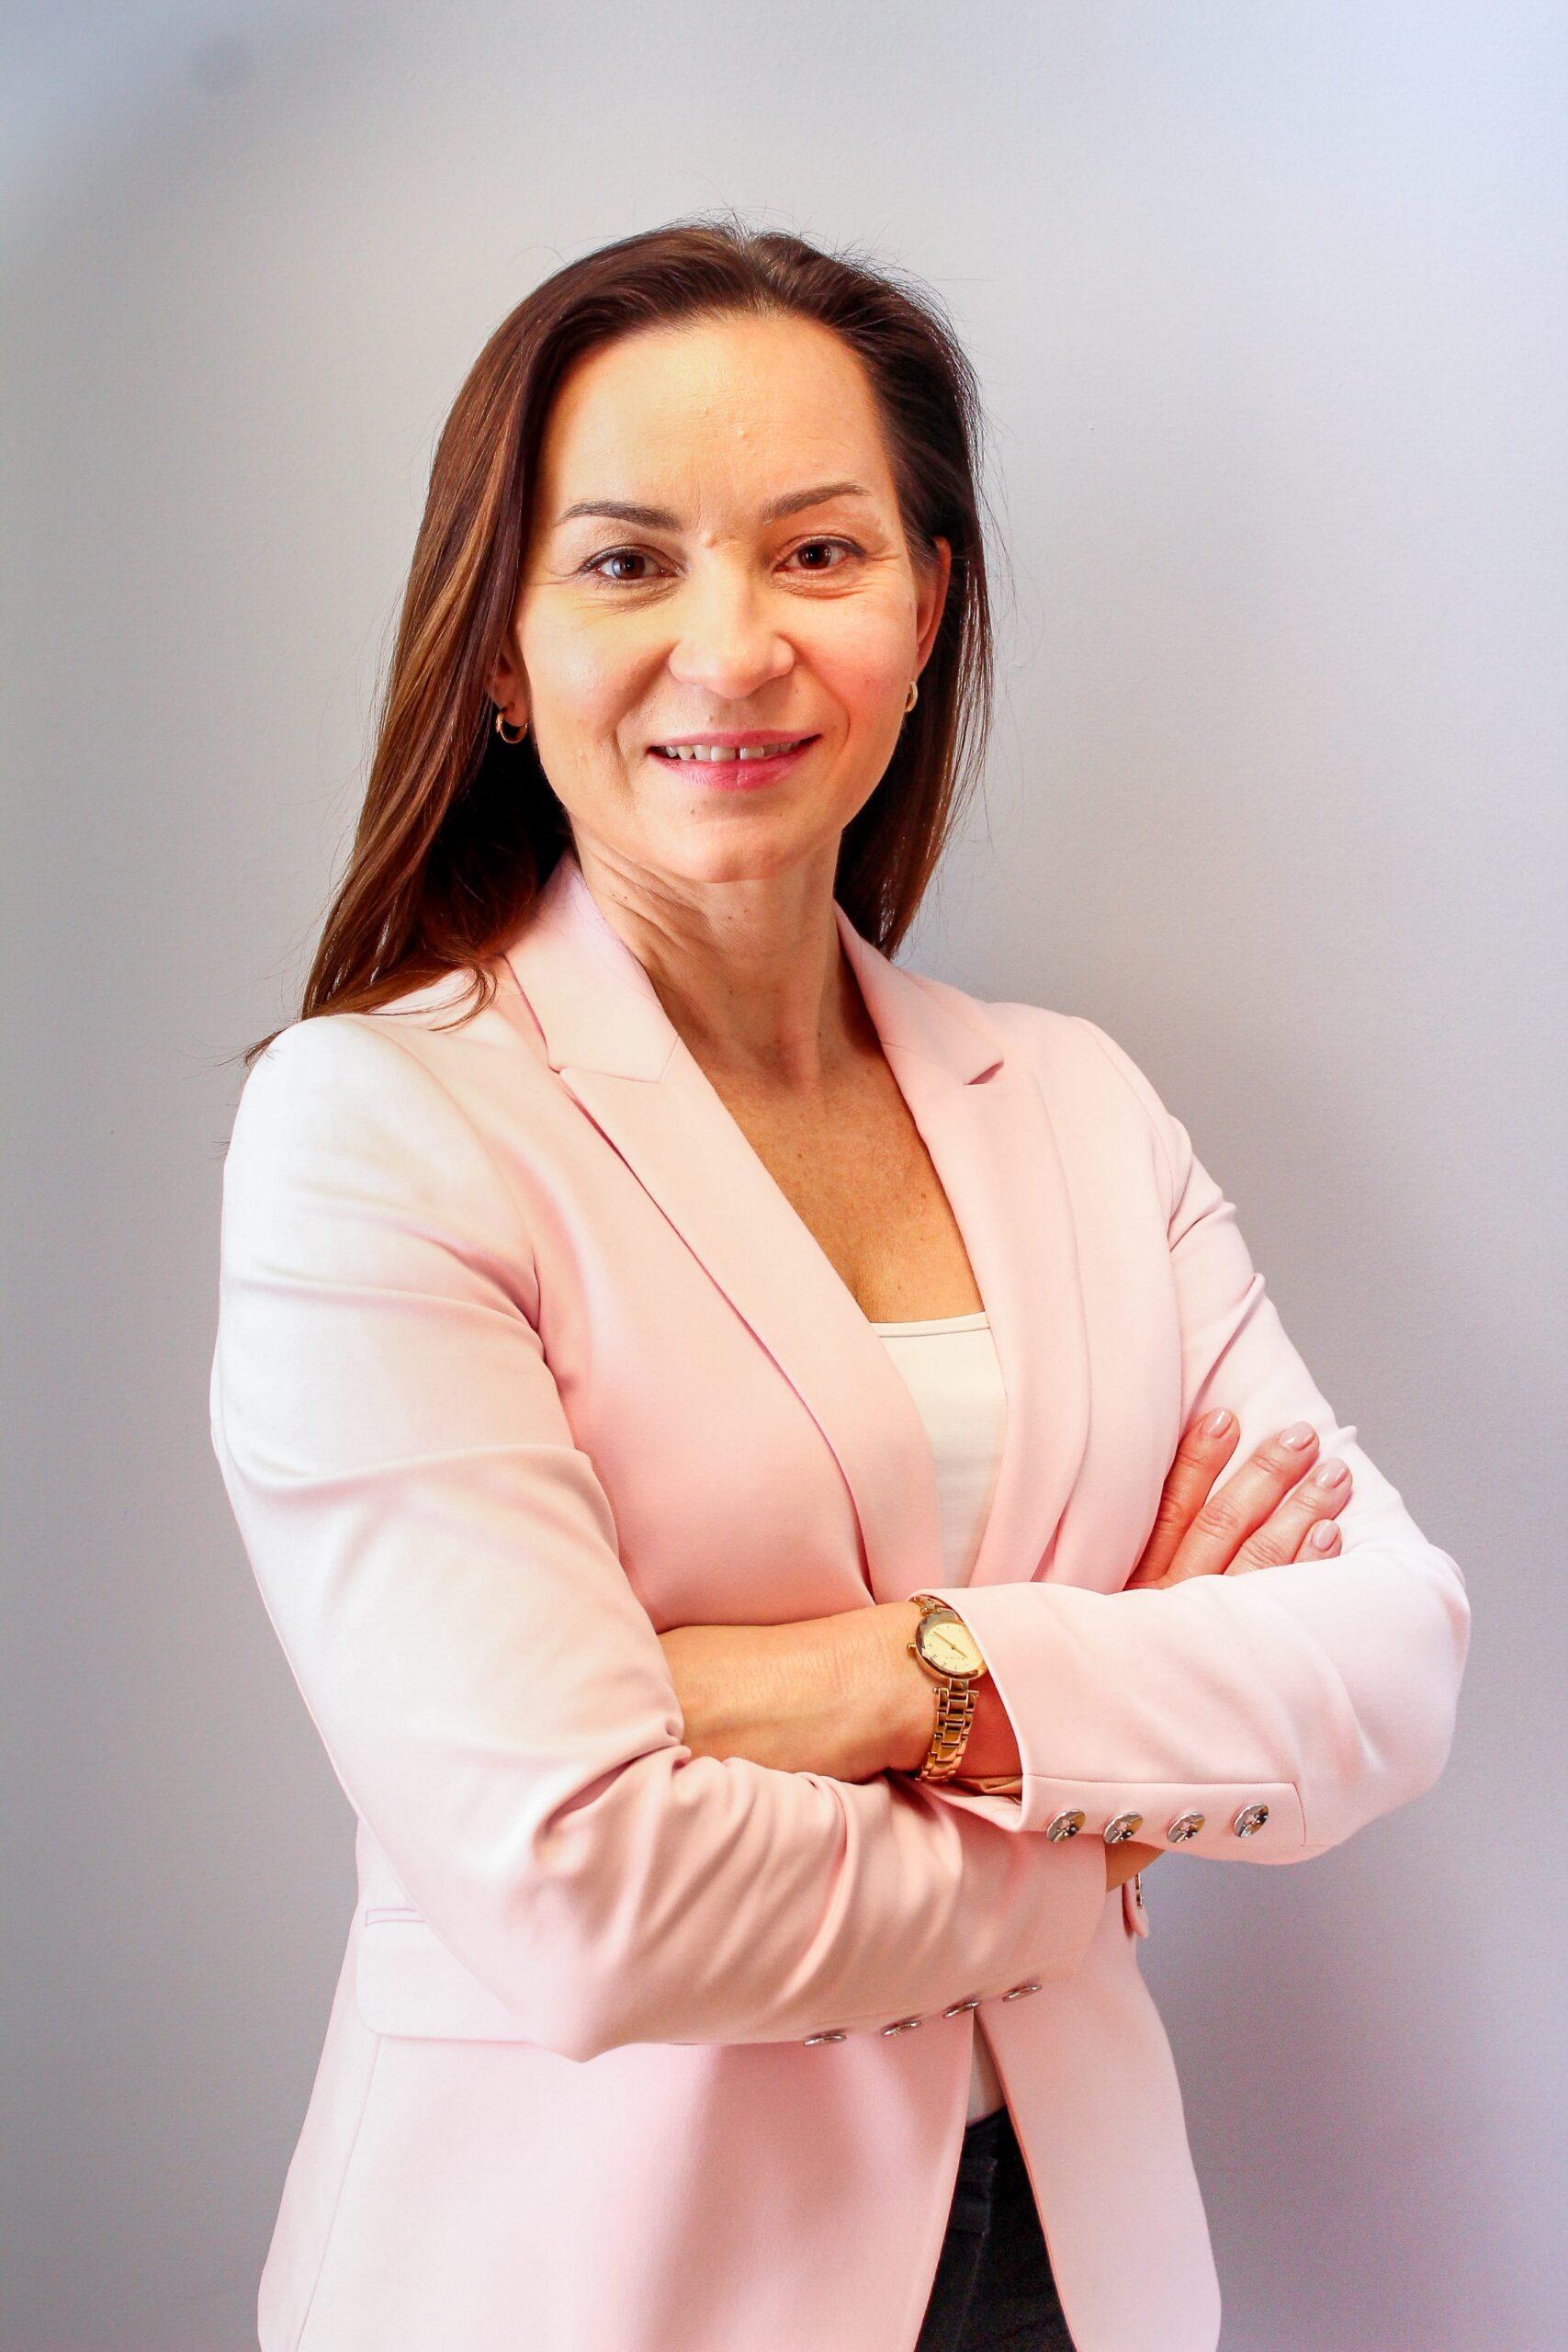 dr hab. n. med. Monika Szulińska